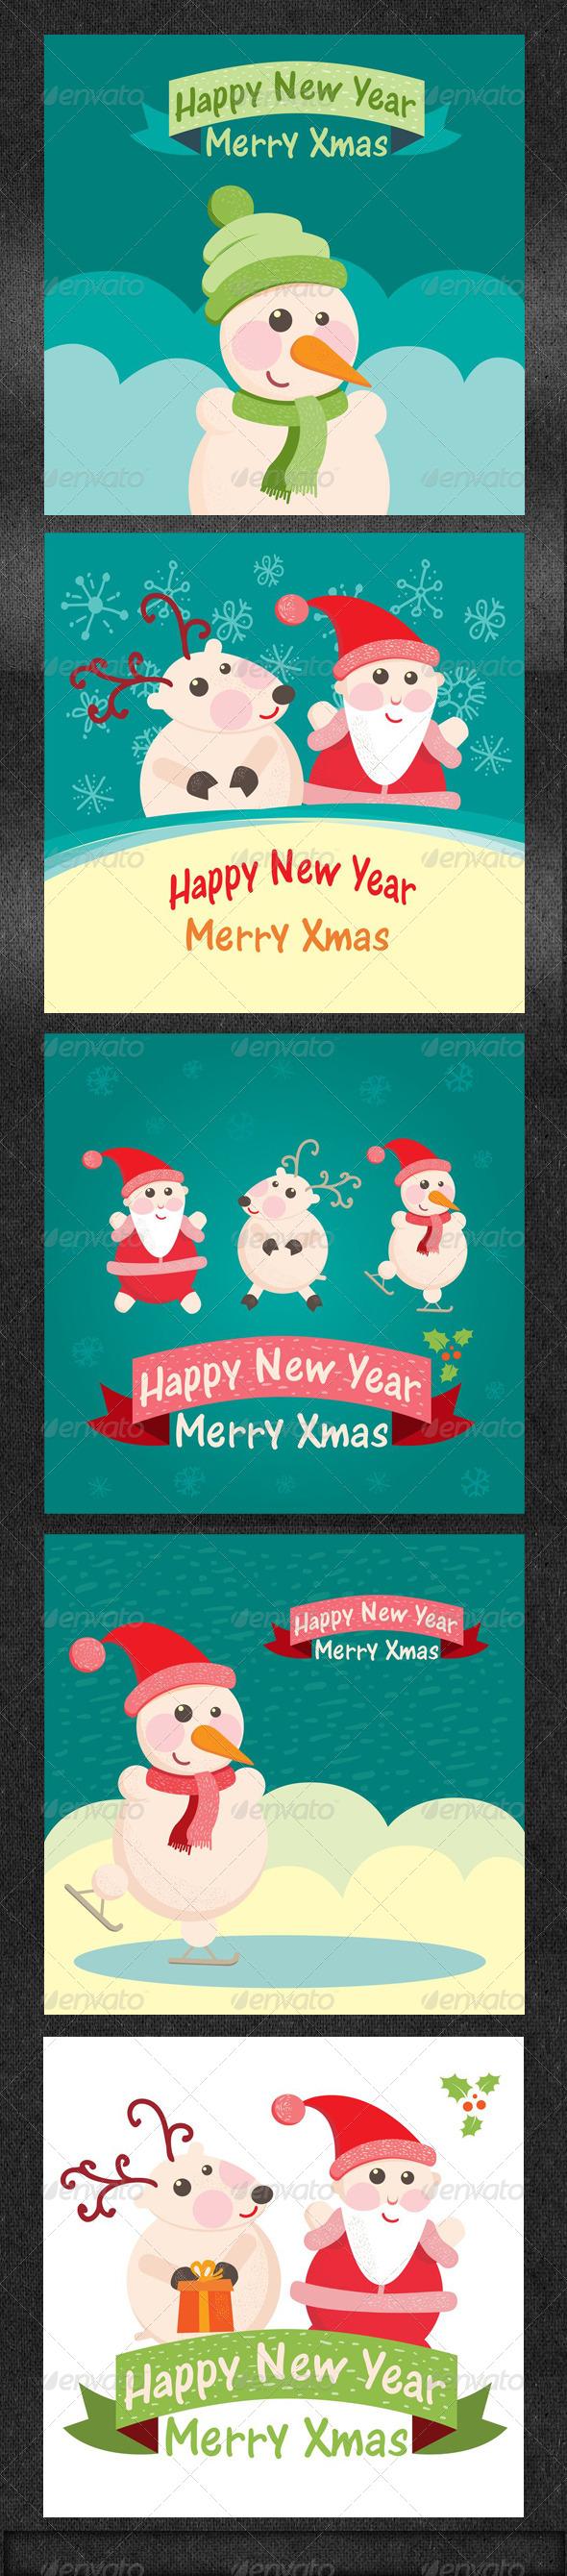 Christmas Greeting Card Part 1 - Christmas Seasons/Holidays